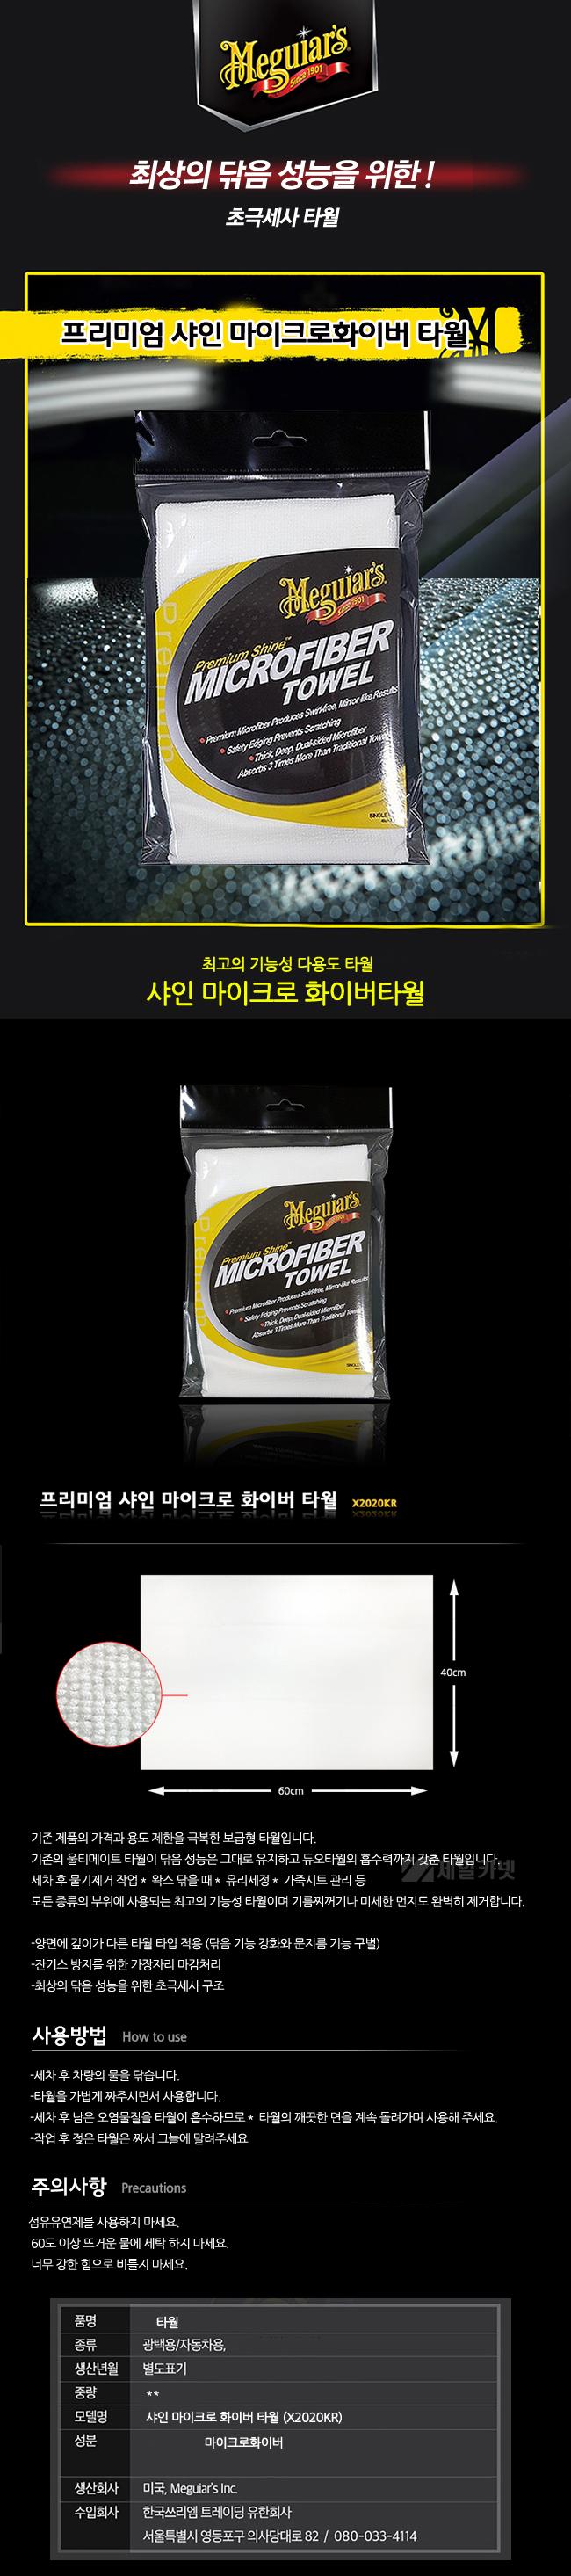 맥과이어스 샤인광택용 타월 x2020kr